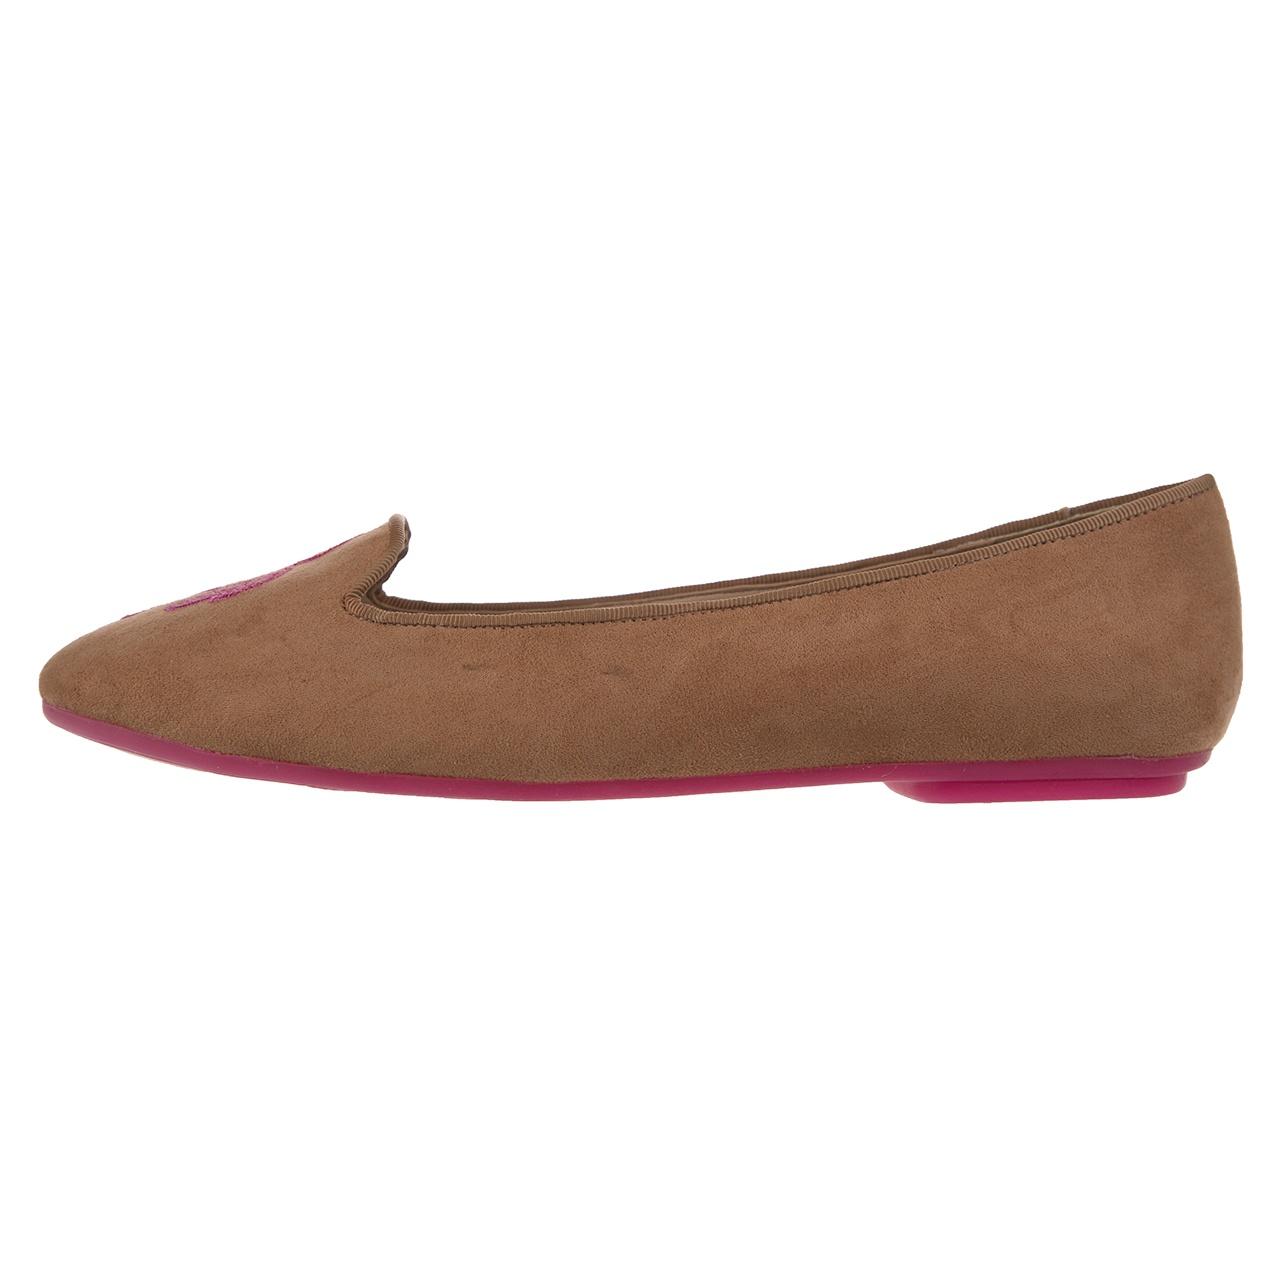 تصویر کفش زنانه چاکلت اسکوبار مدل Hanya S 73 Almond